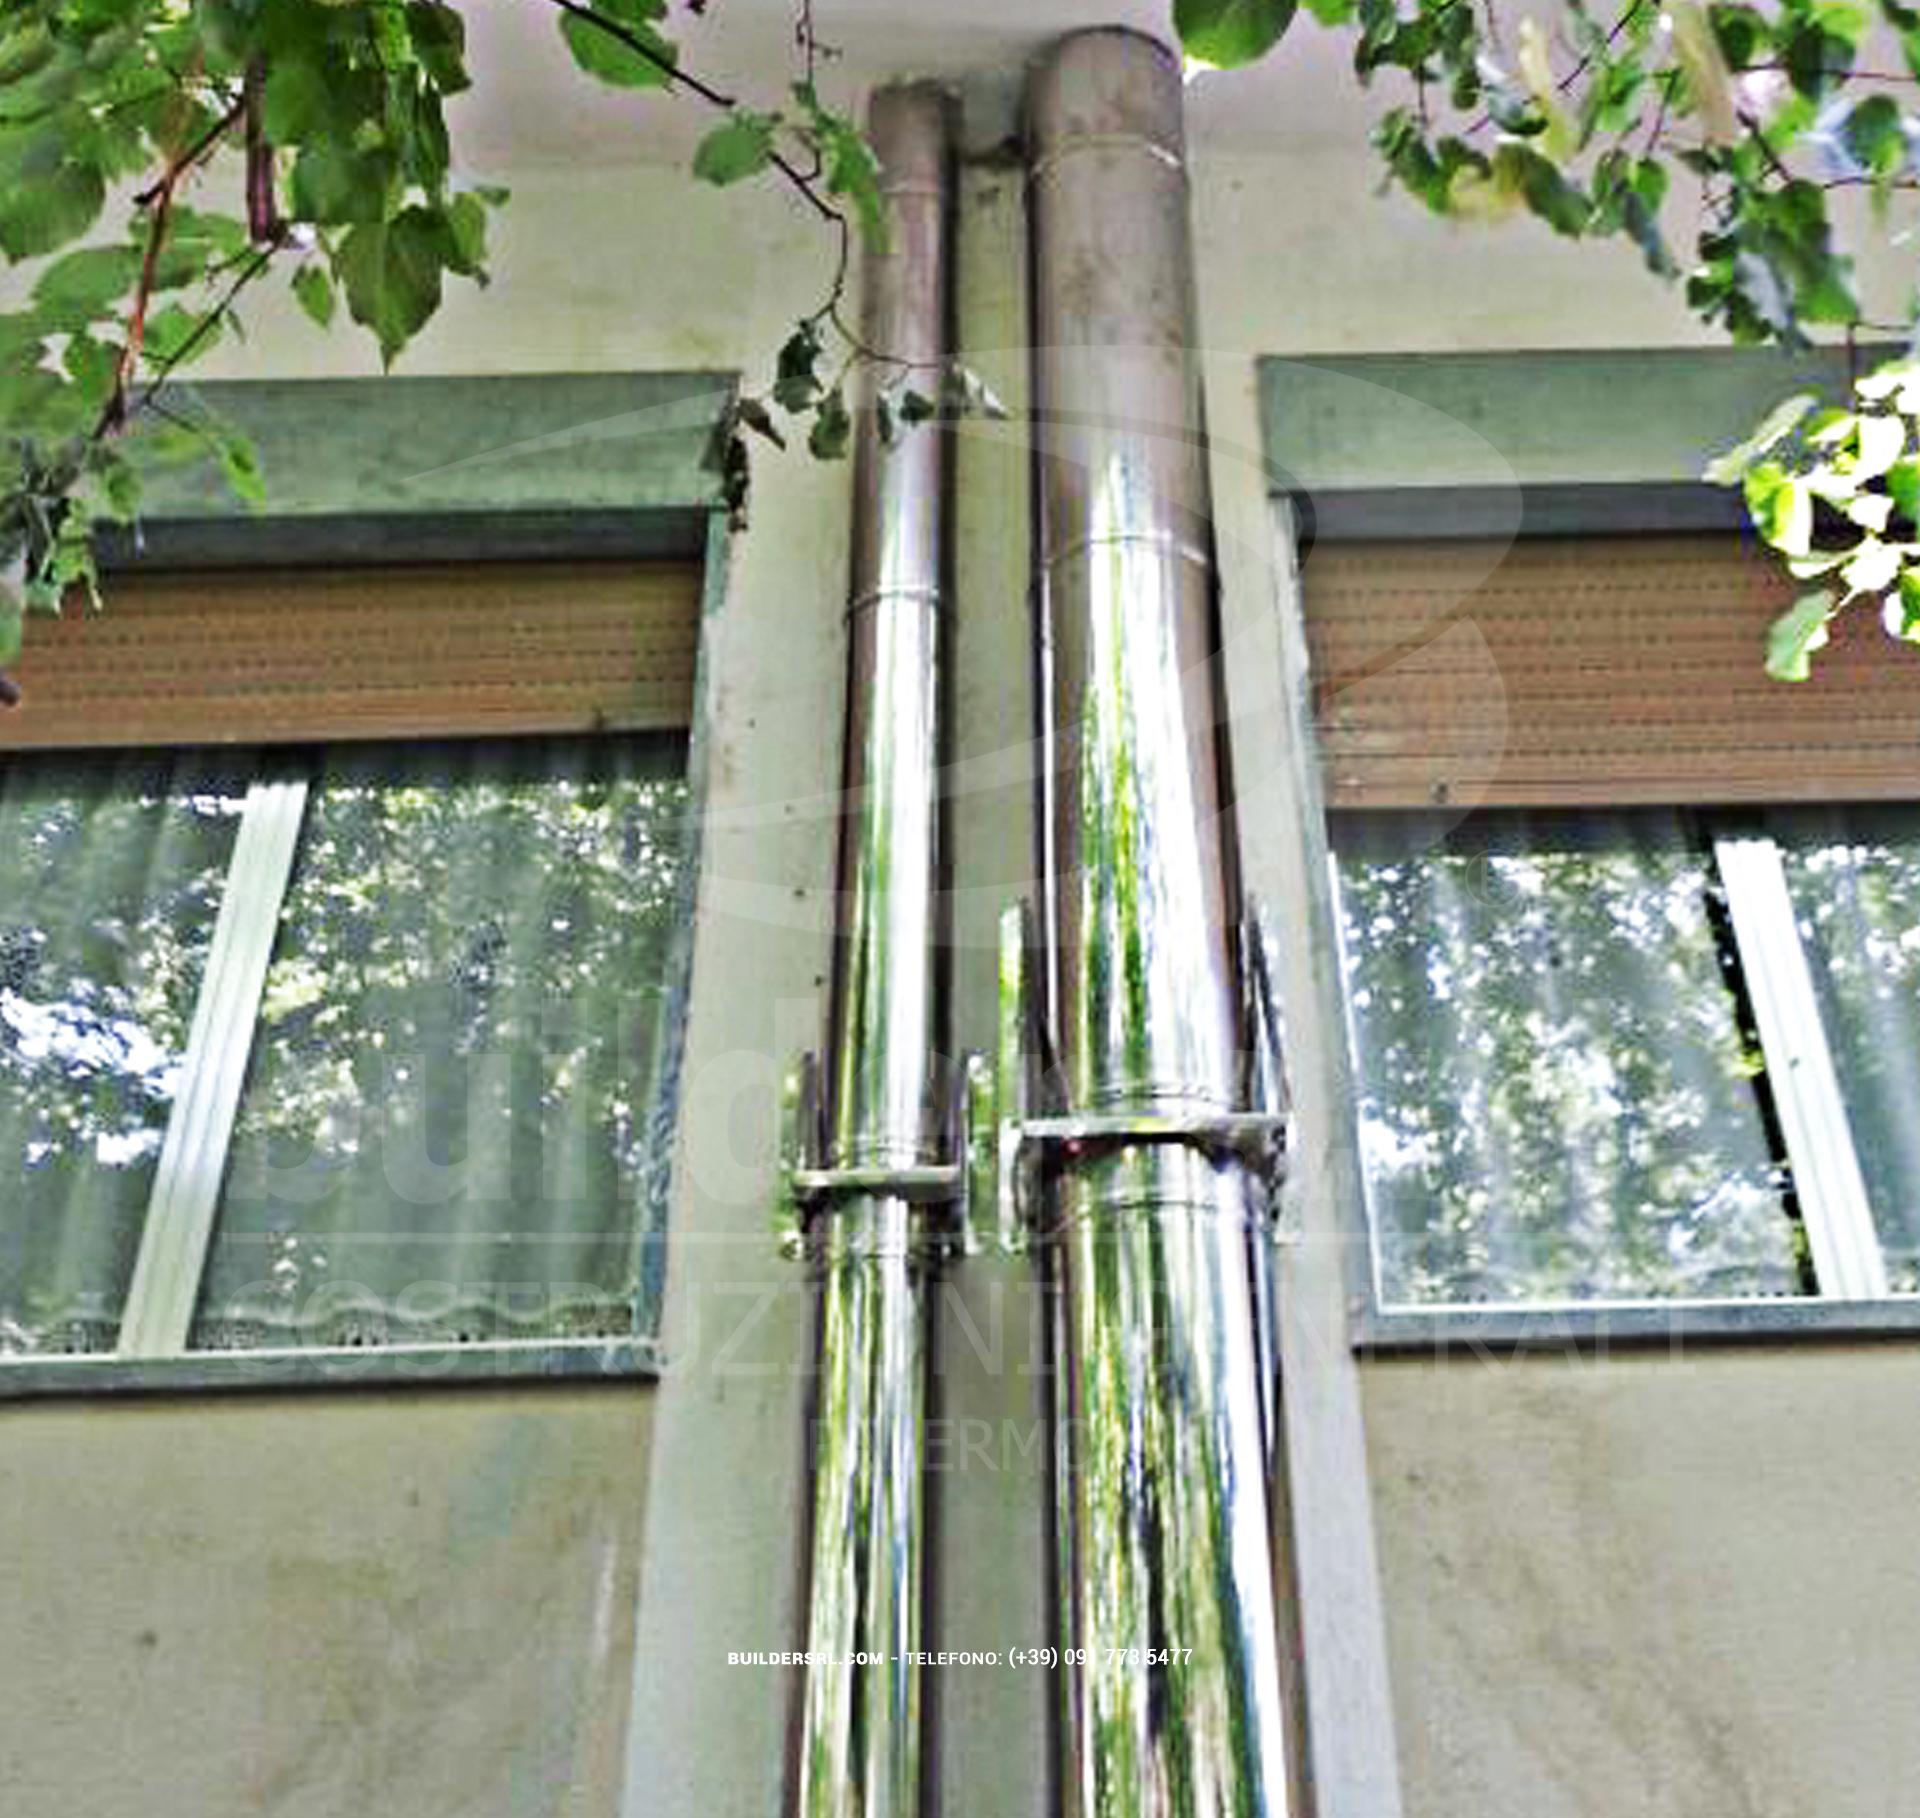 Posa della nuova canna fumaria. - Nuova canna fumaria in acciaio inox al Centro Kolbe di Carini.